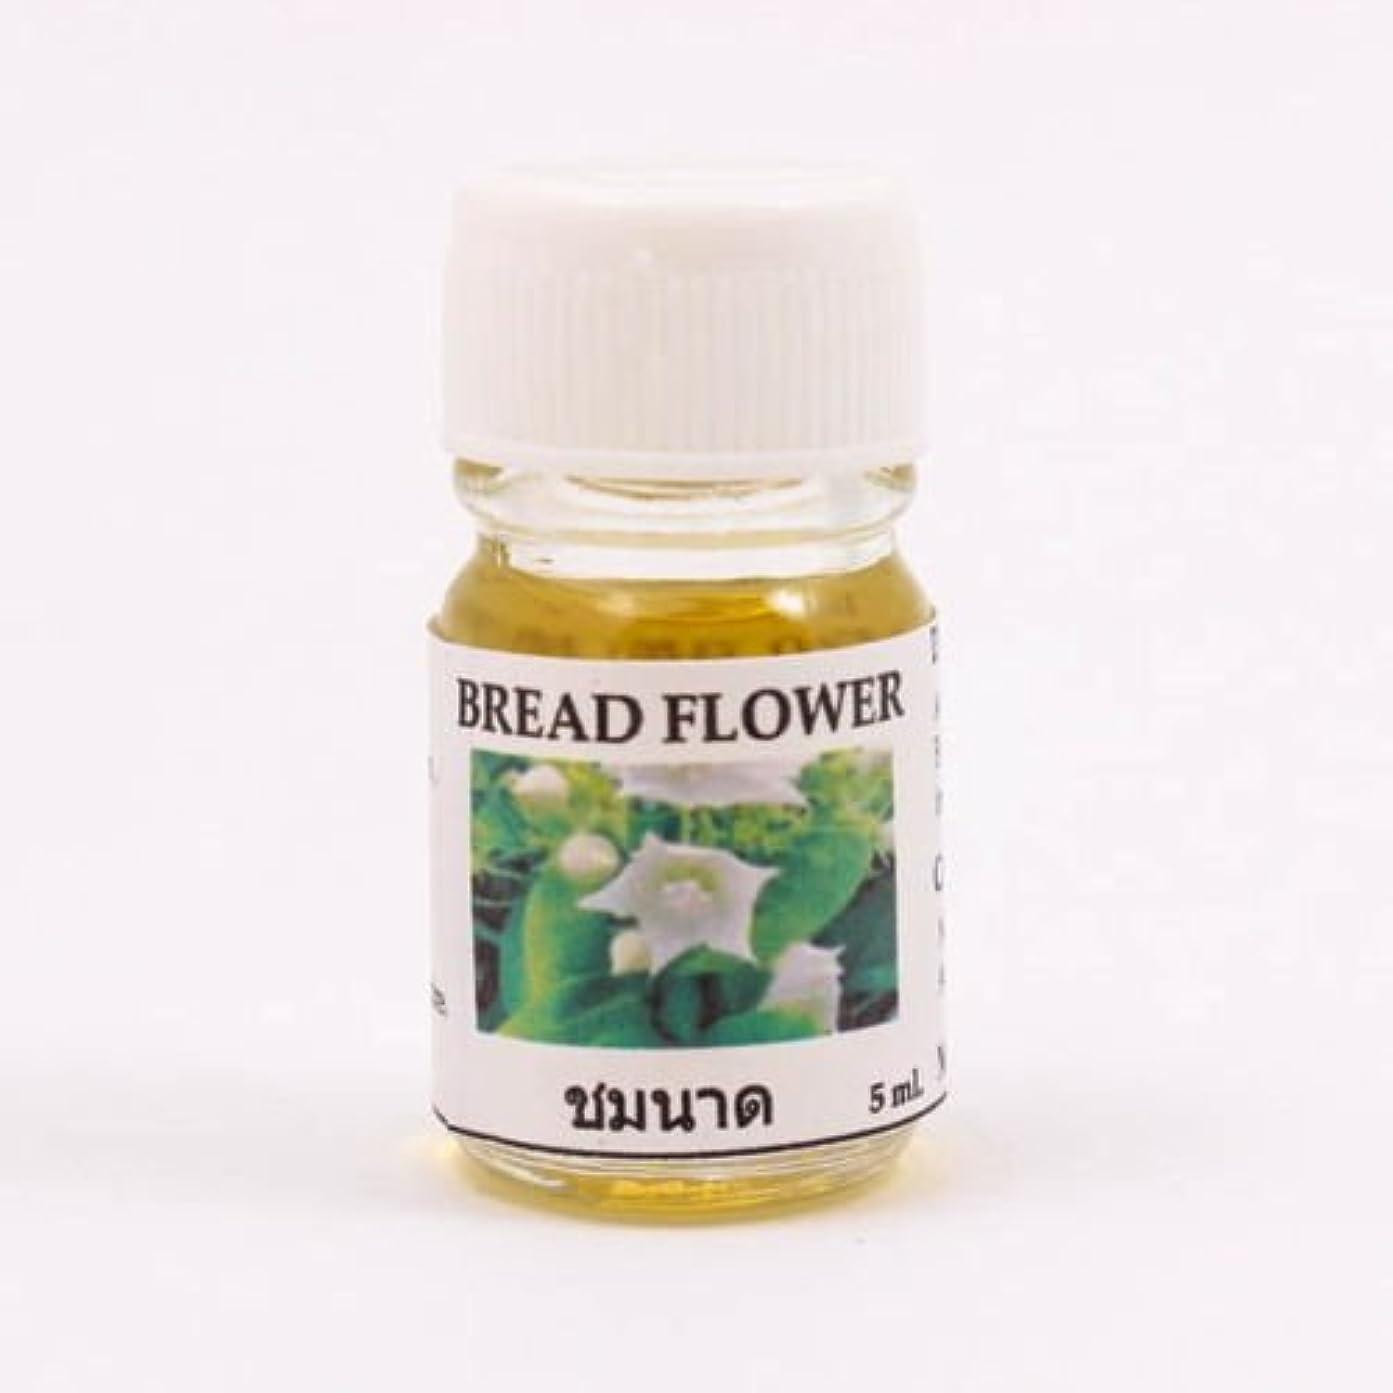 合唱団密度大腿6X Bread Flower Fragrance Essential Oil 5ML. (cc) Diffuser Burner Therapy